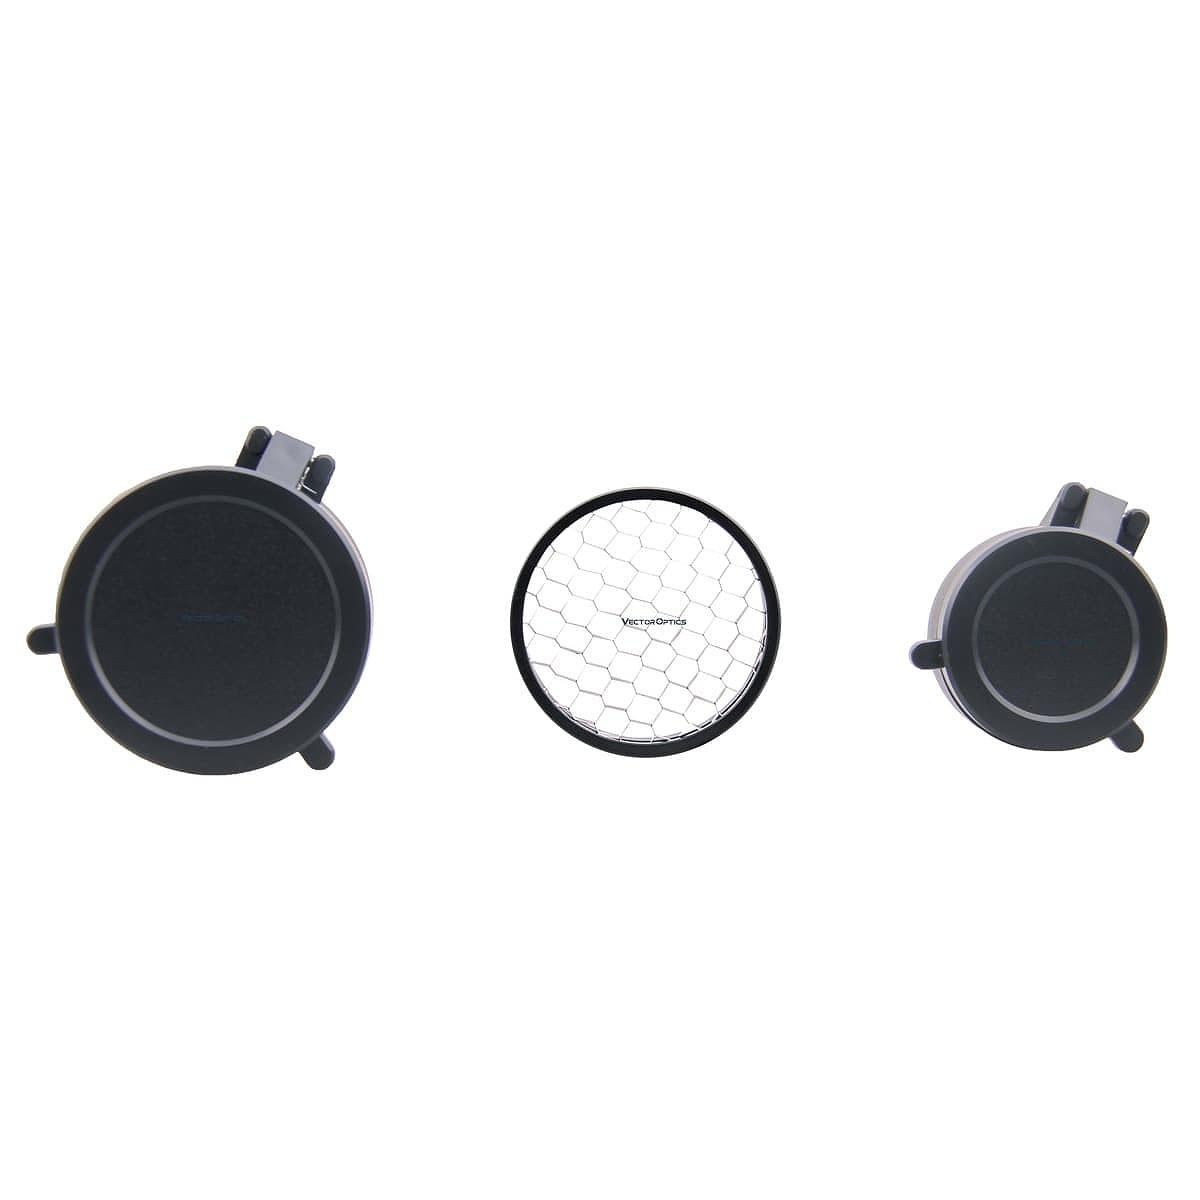 【お届け予定日: 4月30日】ベクターオプティクス ライフルスコープ Veyron 3-12x44SFP  Vector Optics SCOM-24